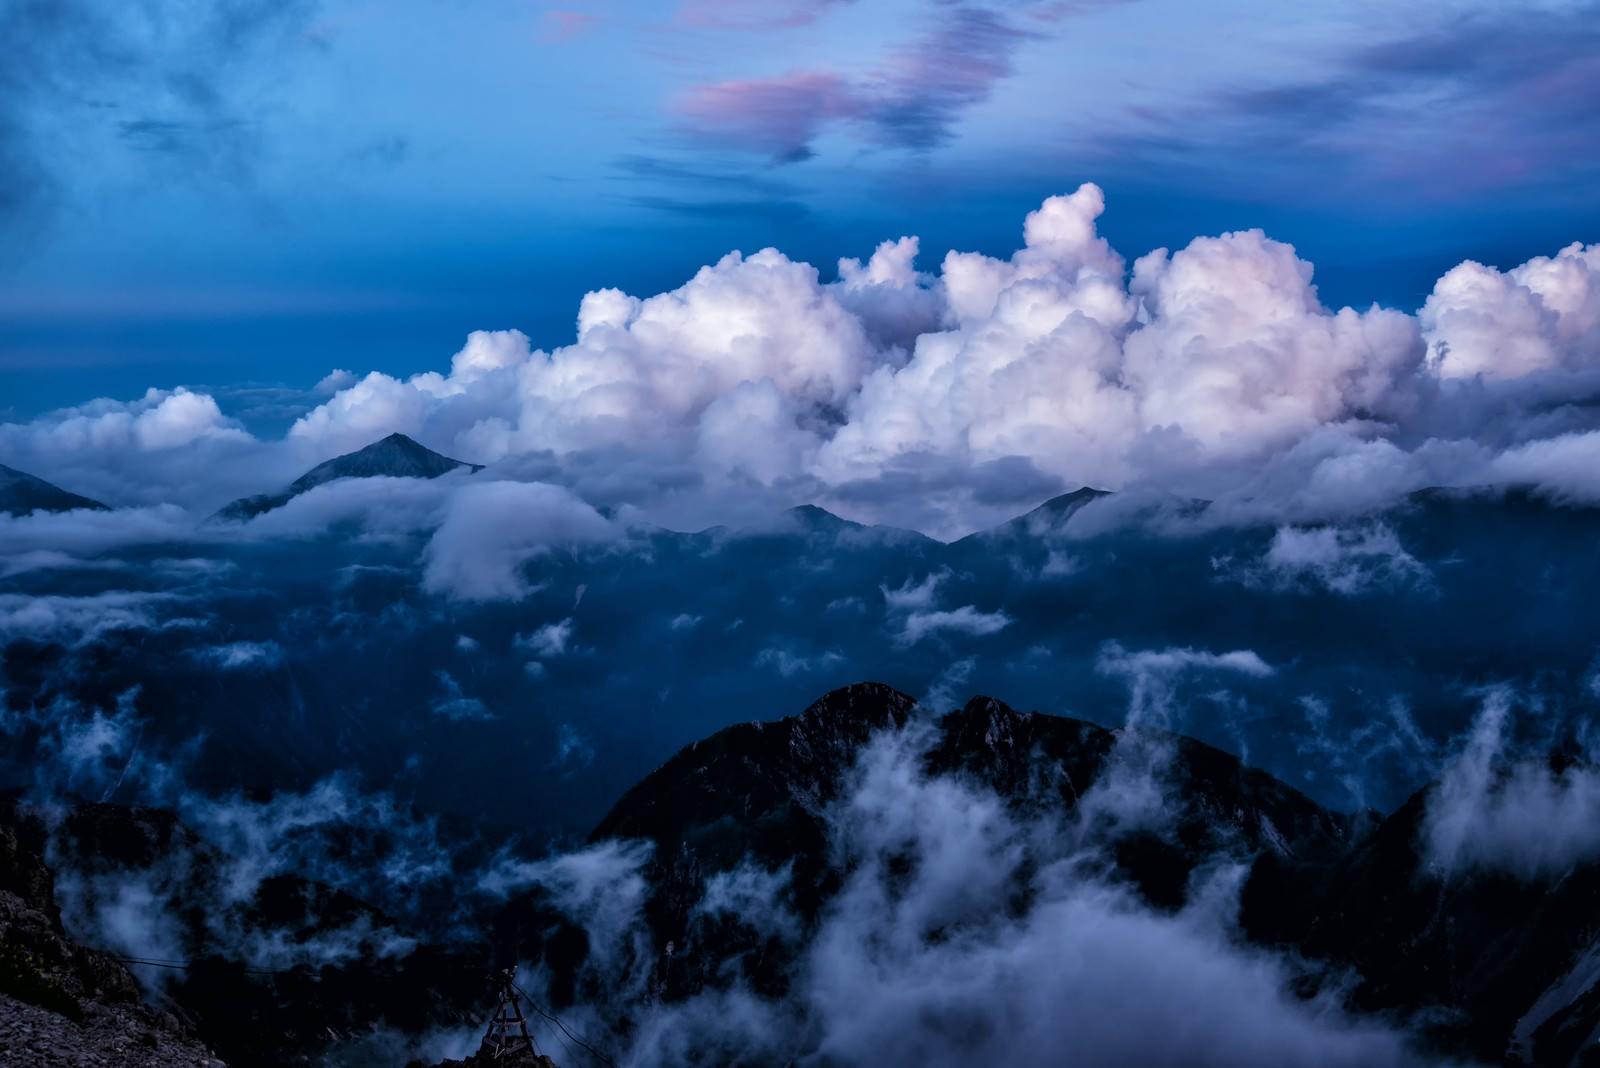 「雄大積雲に包まれる常念山脈」の写真